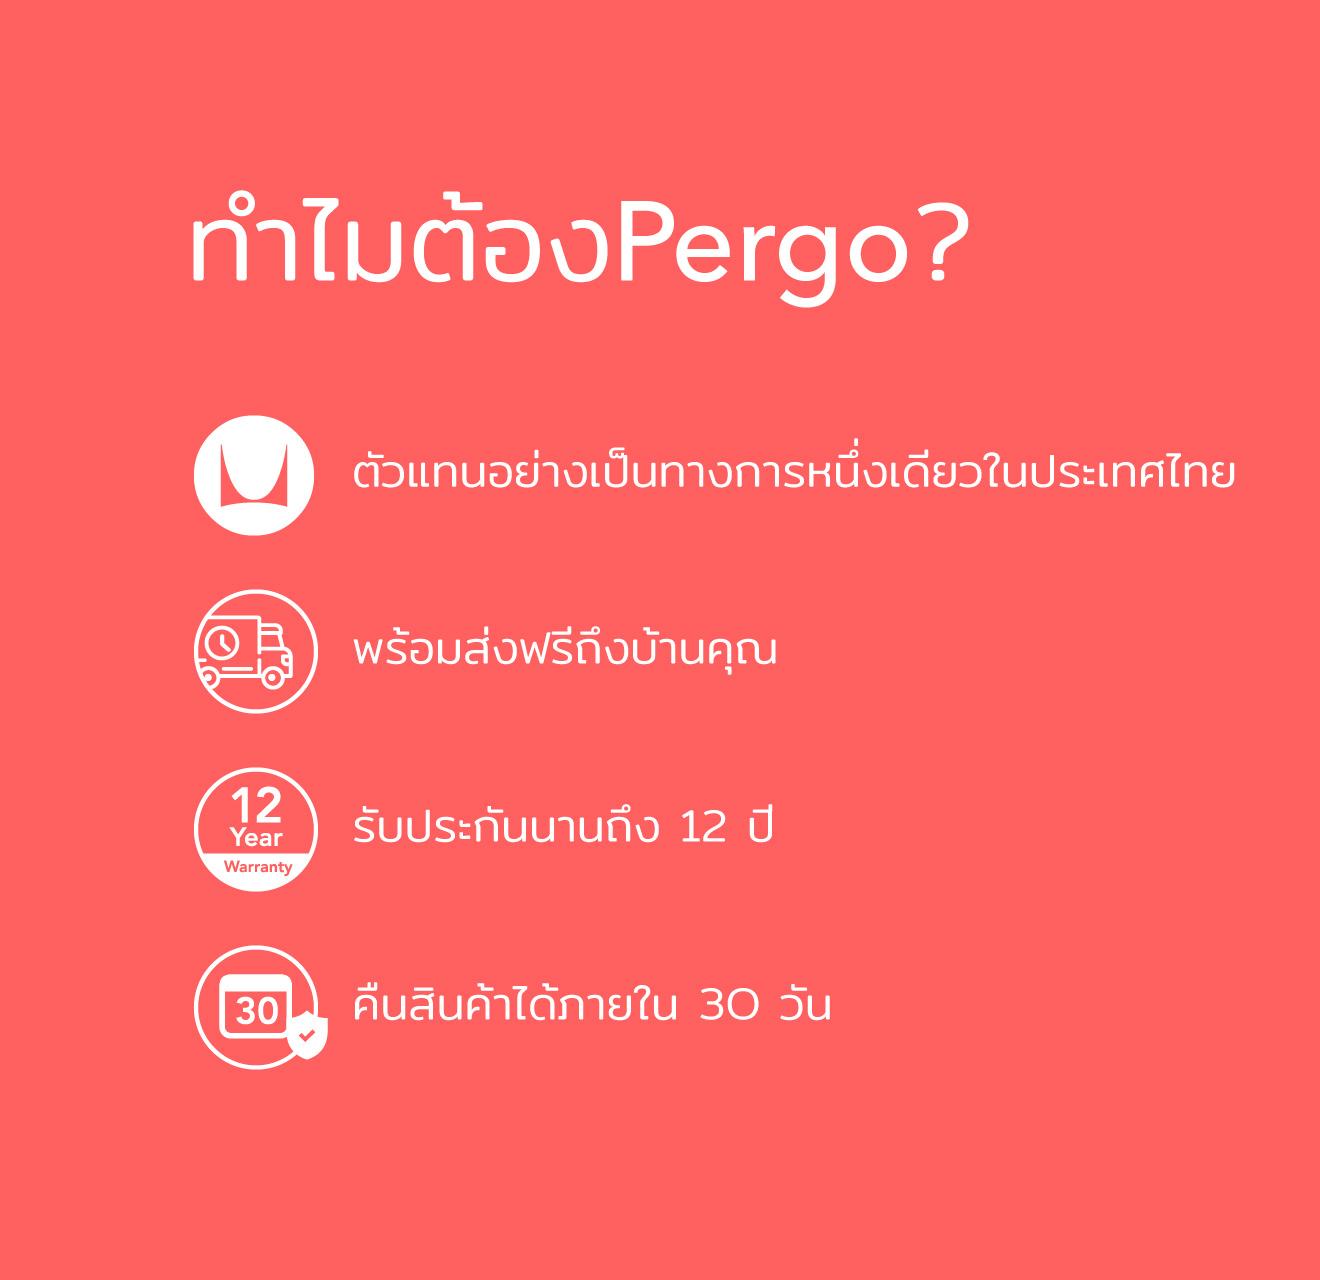 ทำไมต้องPergo?